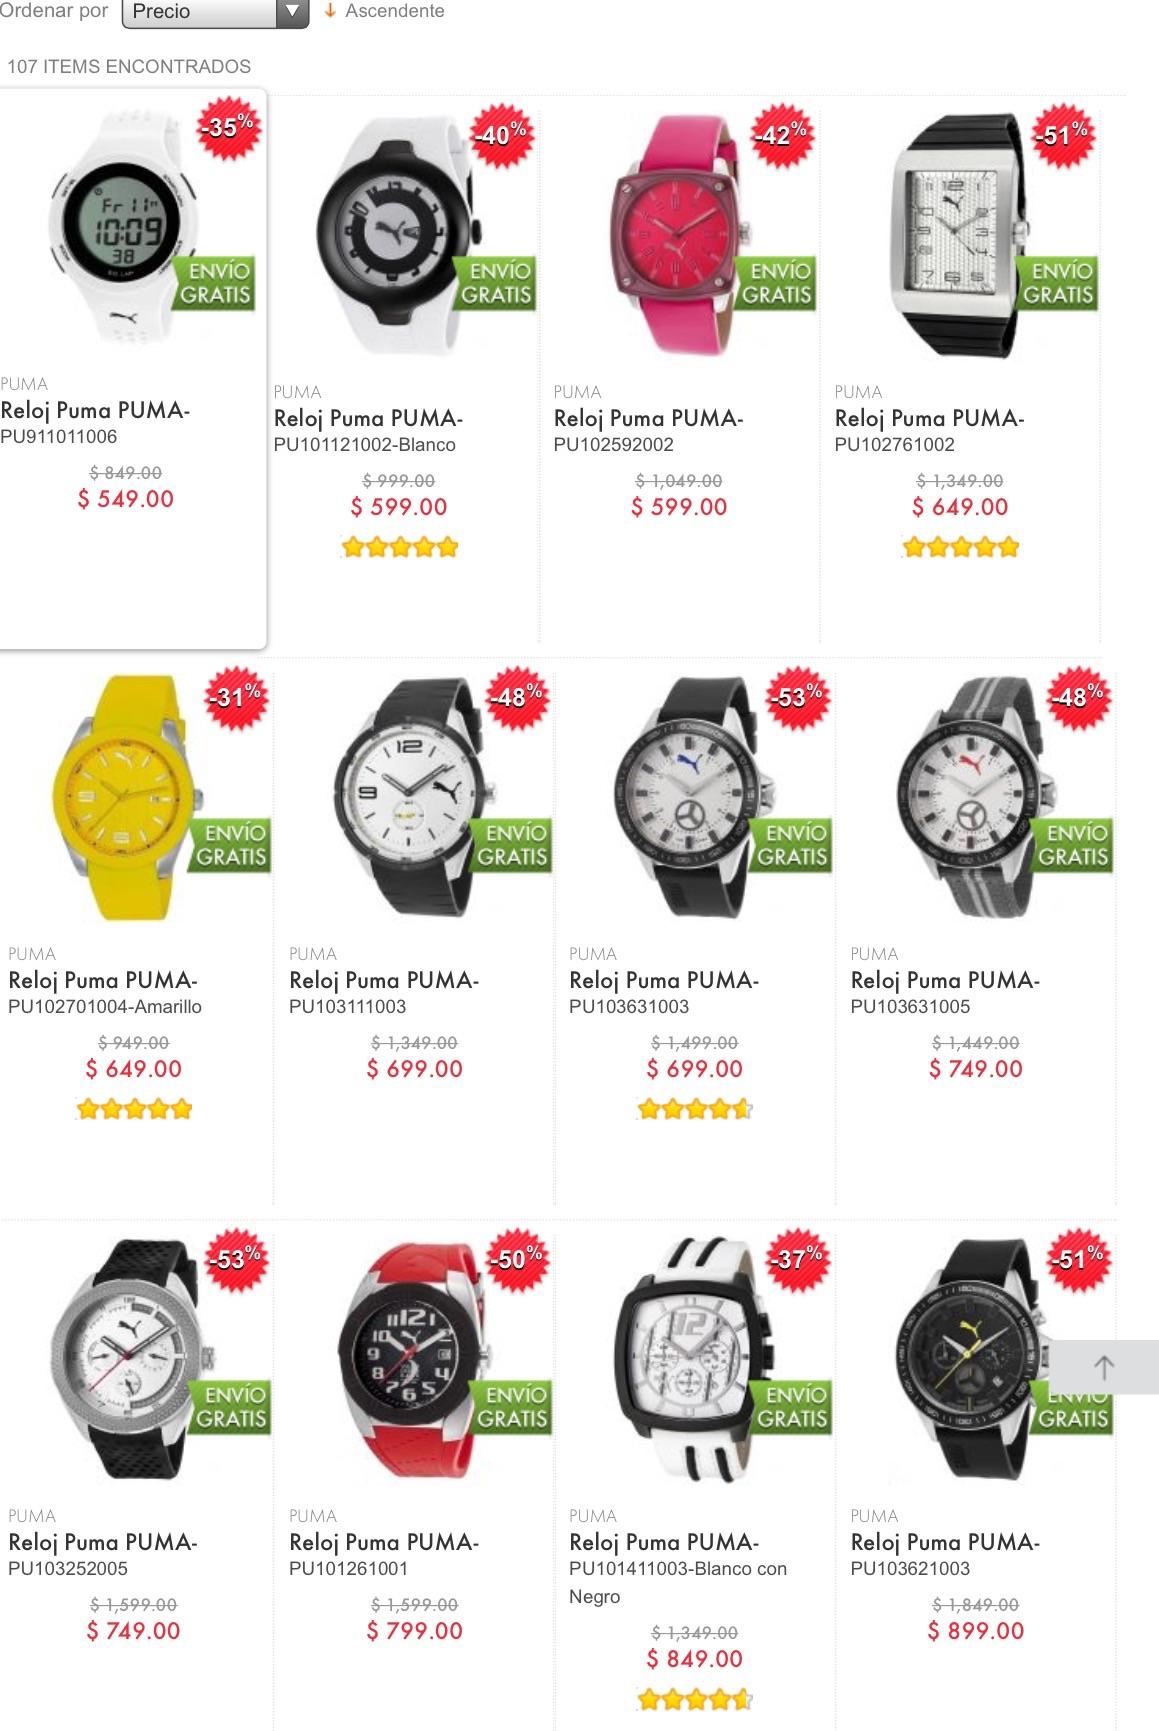 Linio: relojes Puma desde $549 y envío gratis